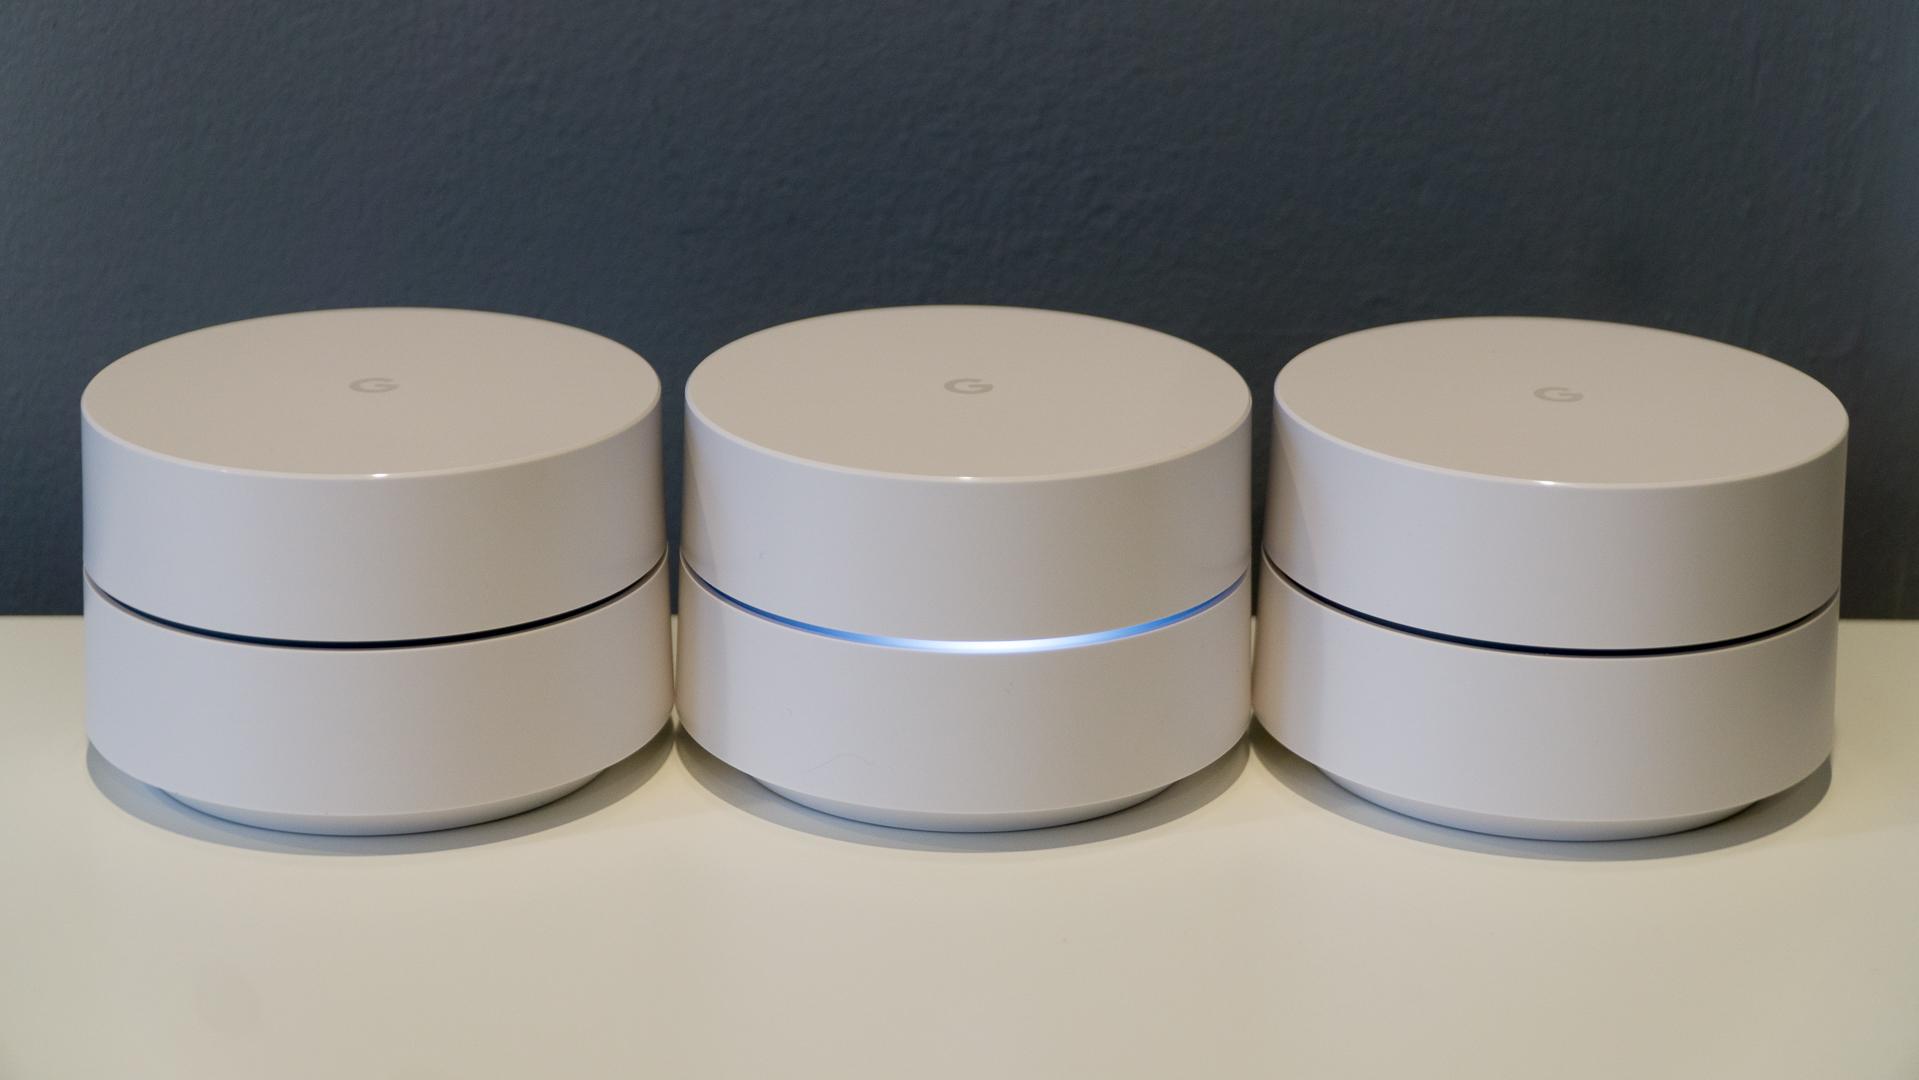 Quản lý kết nối Google Wifi của bạn bằng máy tính của bạn 2